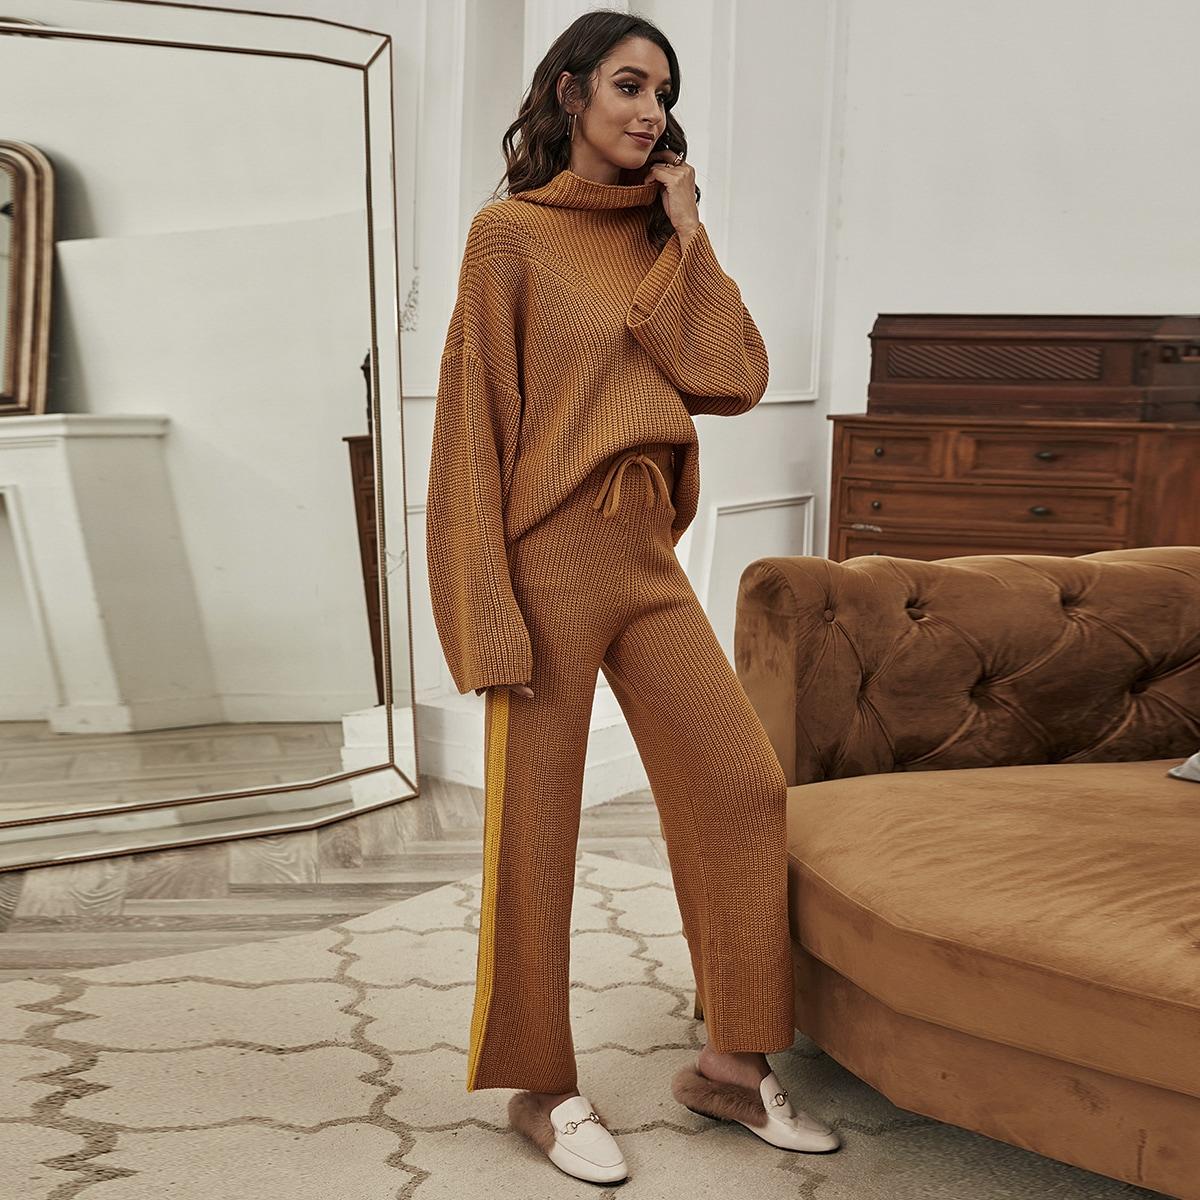 SHEIN / Pullover mit Streifen, Rollkragen & Strick Hose